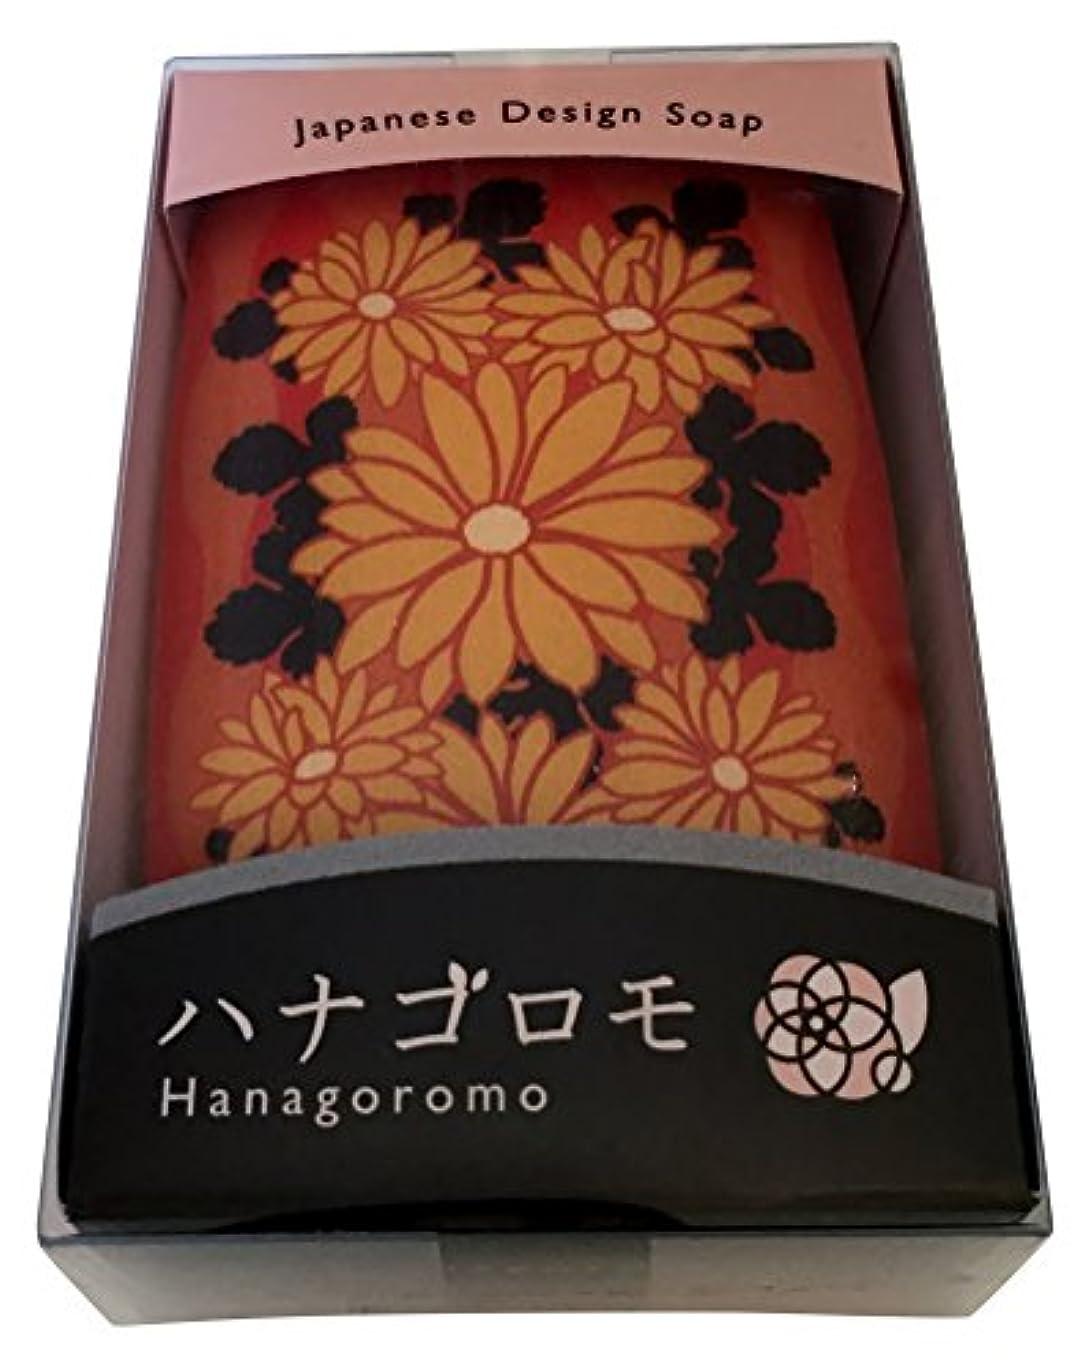 ロードされた食器棚ごみアートソープ ハナゴロモ菊